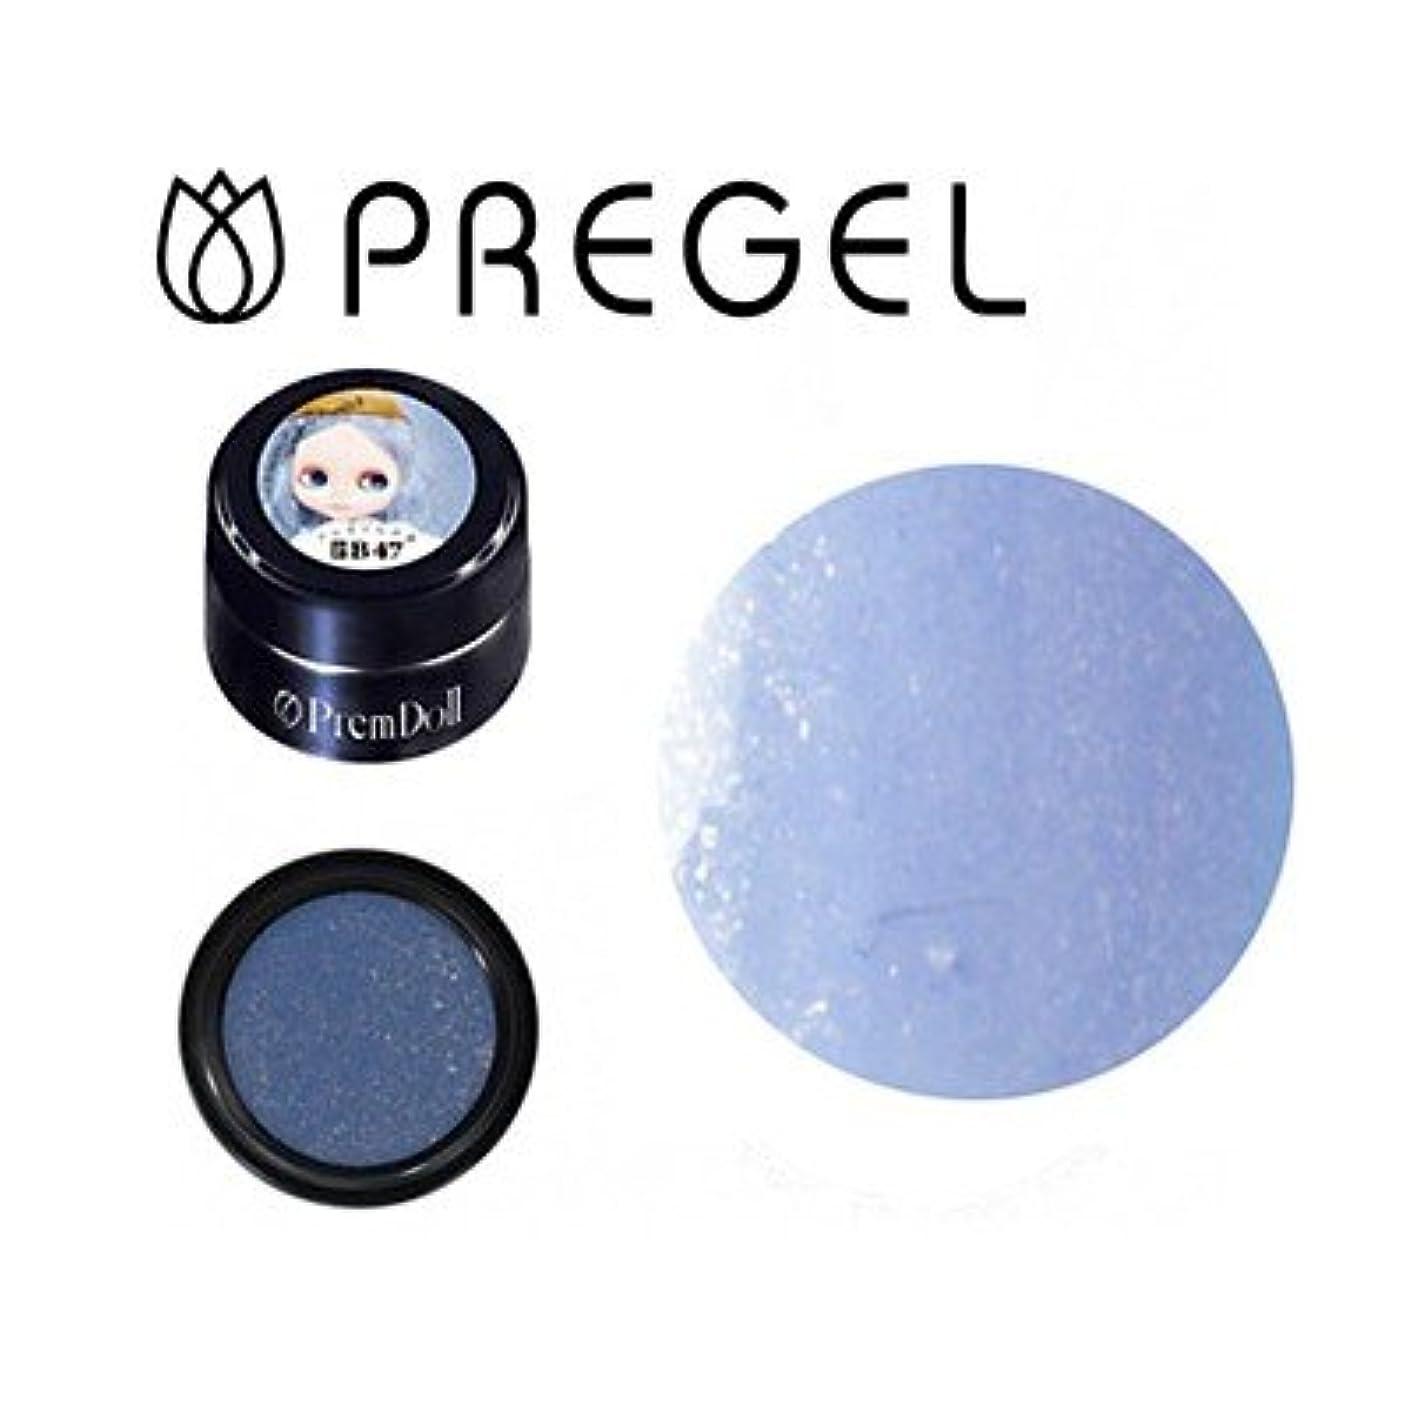 したい添加カウンターパートジェルネイル カラージェル プリジェル PREGEL プリムドール ジェーンレフロイシリーズ DOLL-B47 アルタイルの涙